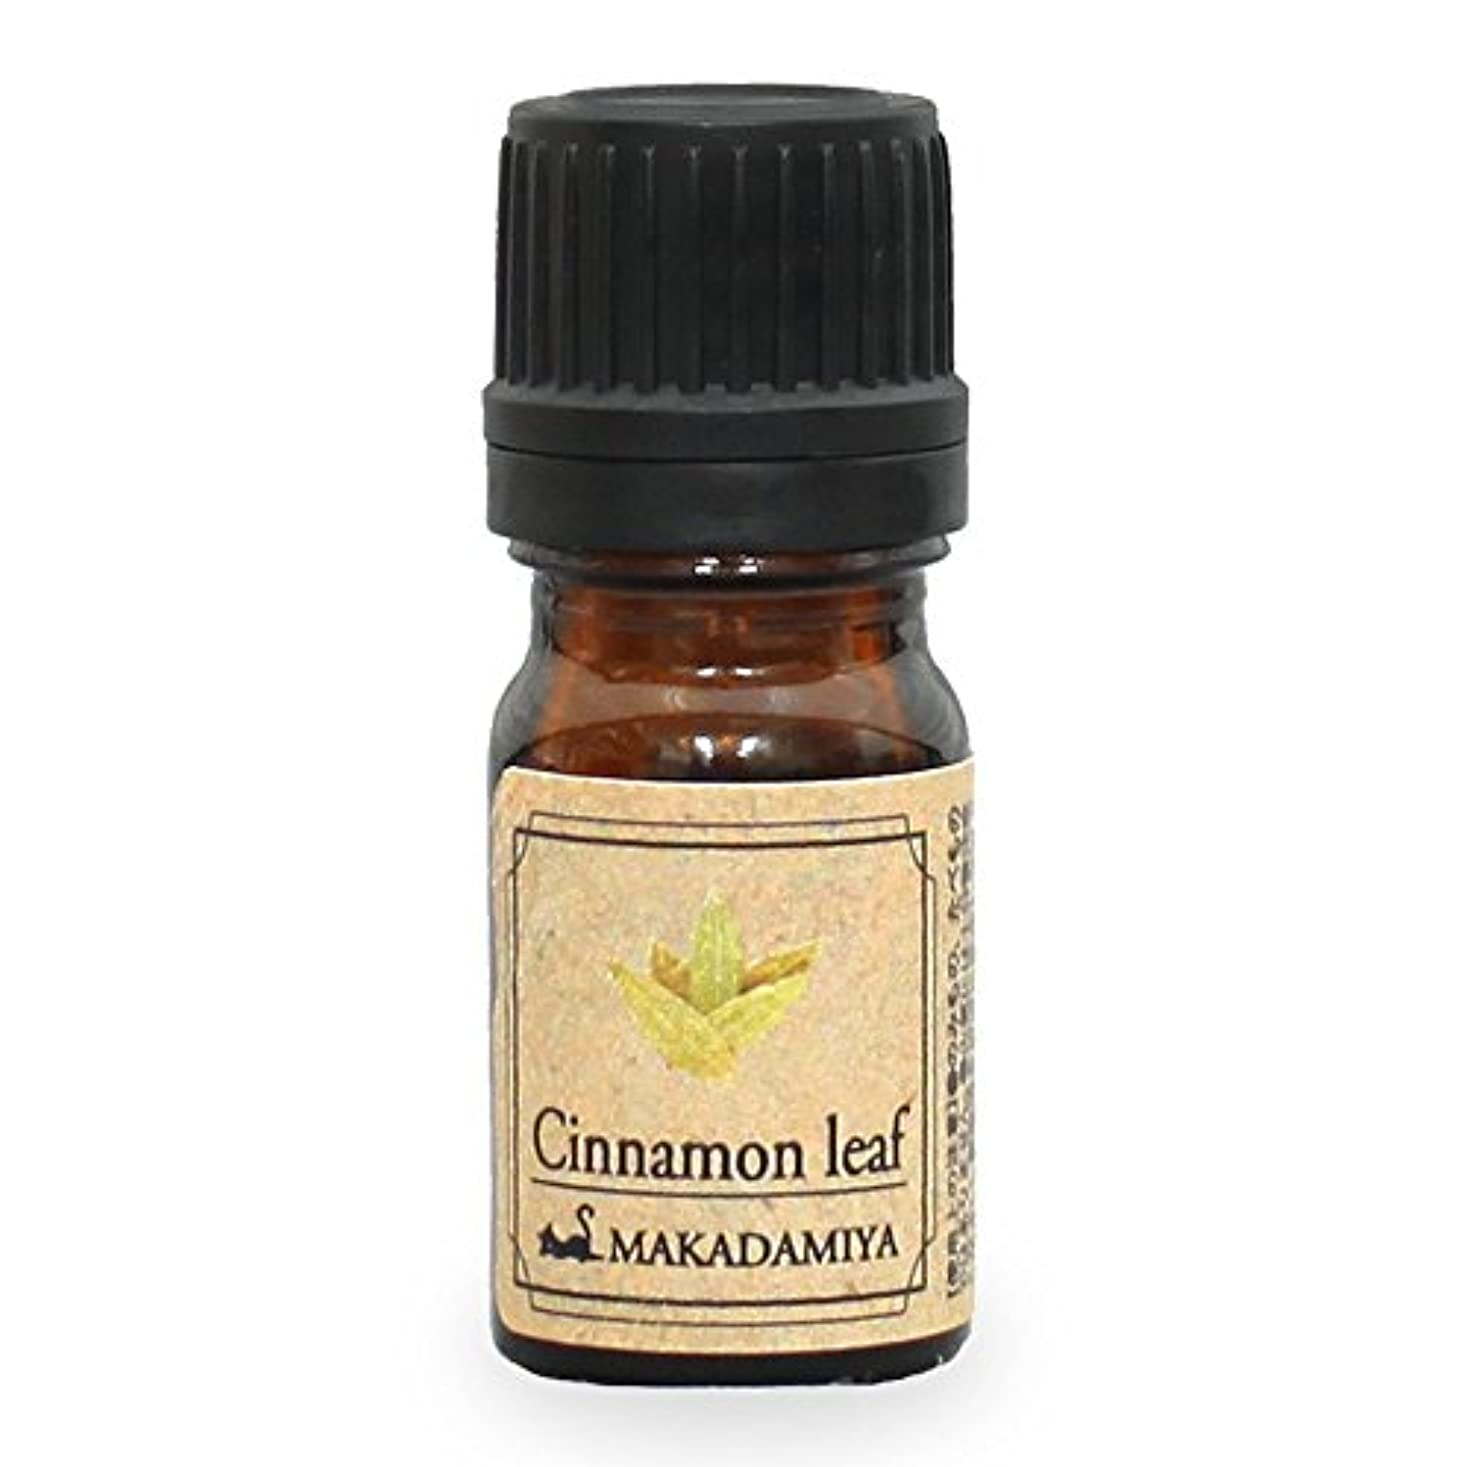 温度命令的チップシナモンリーフ5ml天然100%植物性エッセンシャルオイル(精油)アロマオイルアロママッサージアロマテラピーaroma Cinnamon leaf